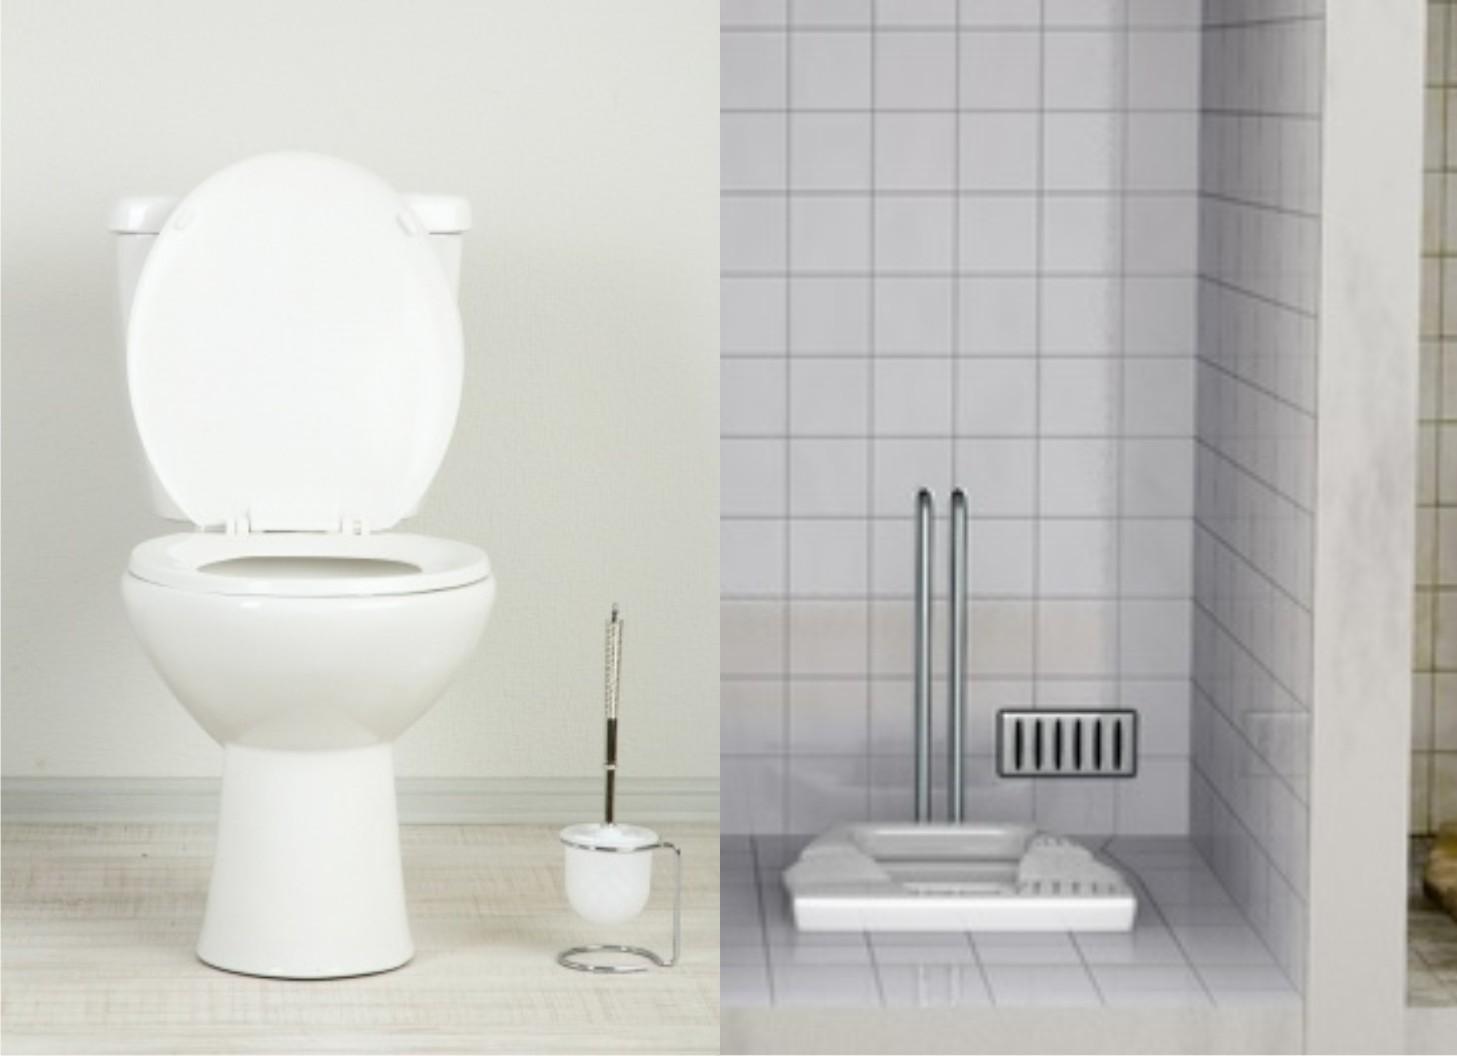 Hasil gambar untuk artikel tentang wc atau toilet